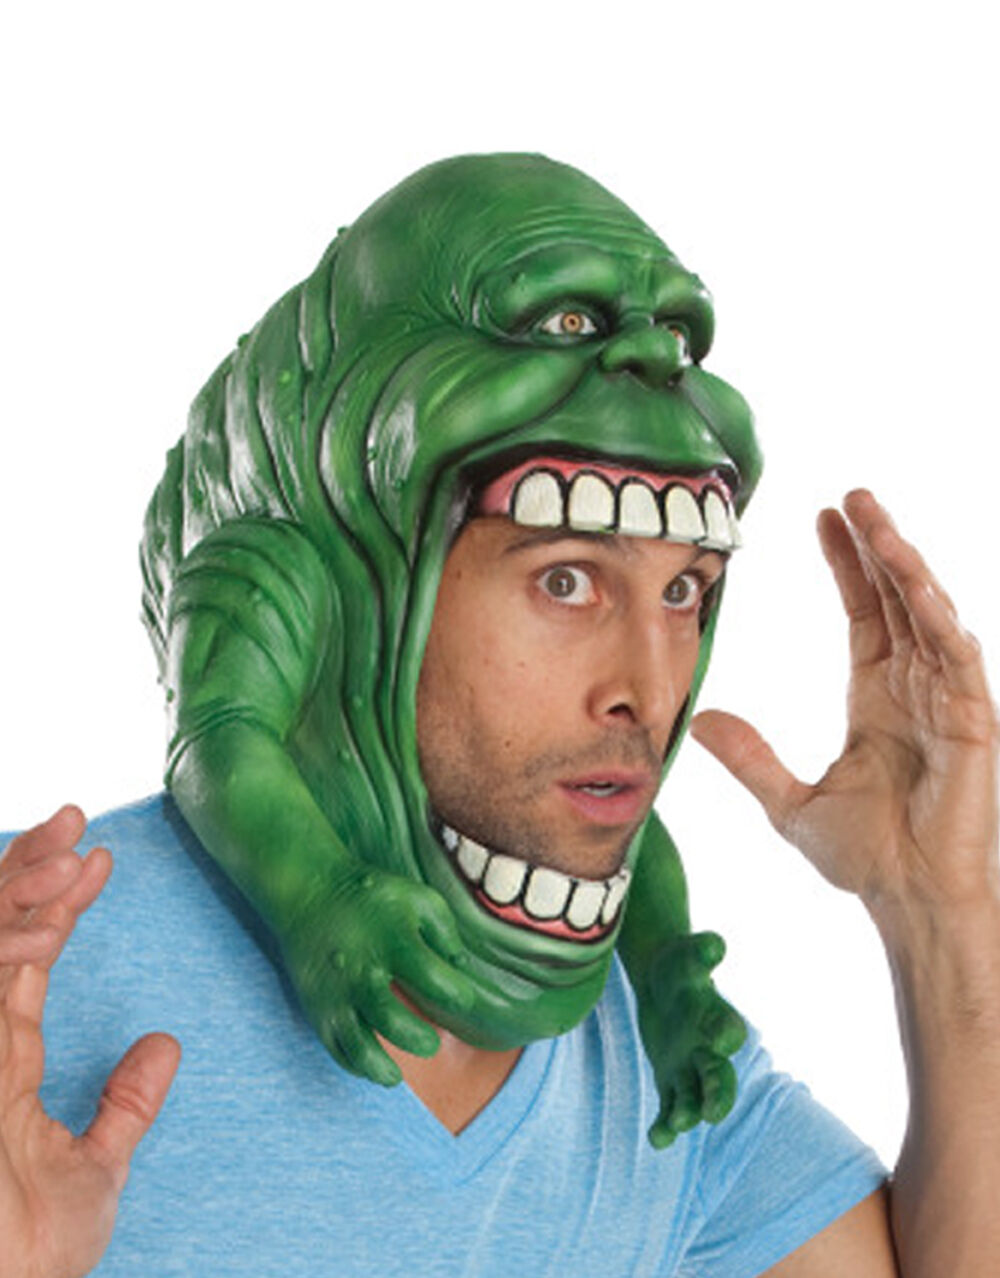 Slimer Headpiece, Headpiece, Headpiece, Mens Ghostbusters Costume Accessory | Charmantes Design  | Bekannt für seine gute Qualität  | Starke Hitze- und Abnutzungsbeständigkeit  3ea14c